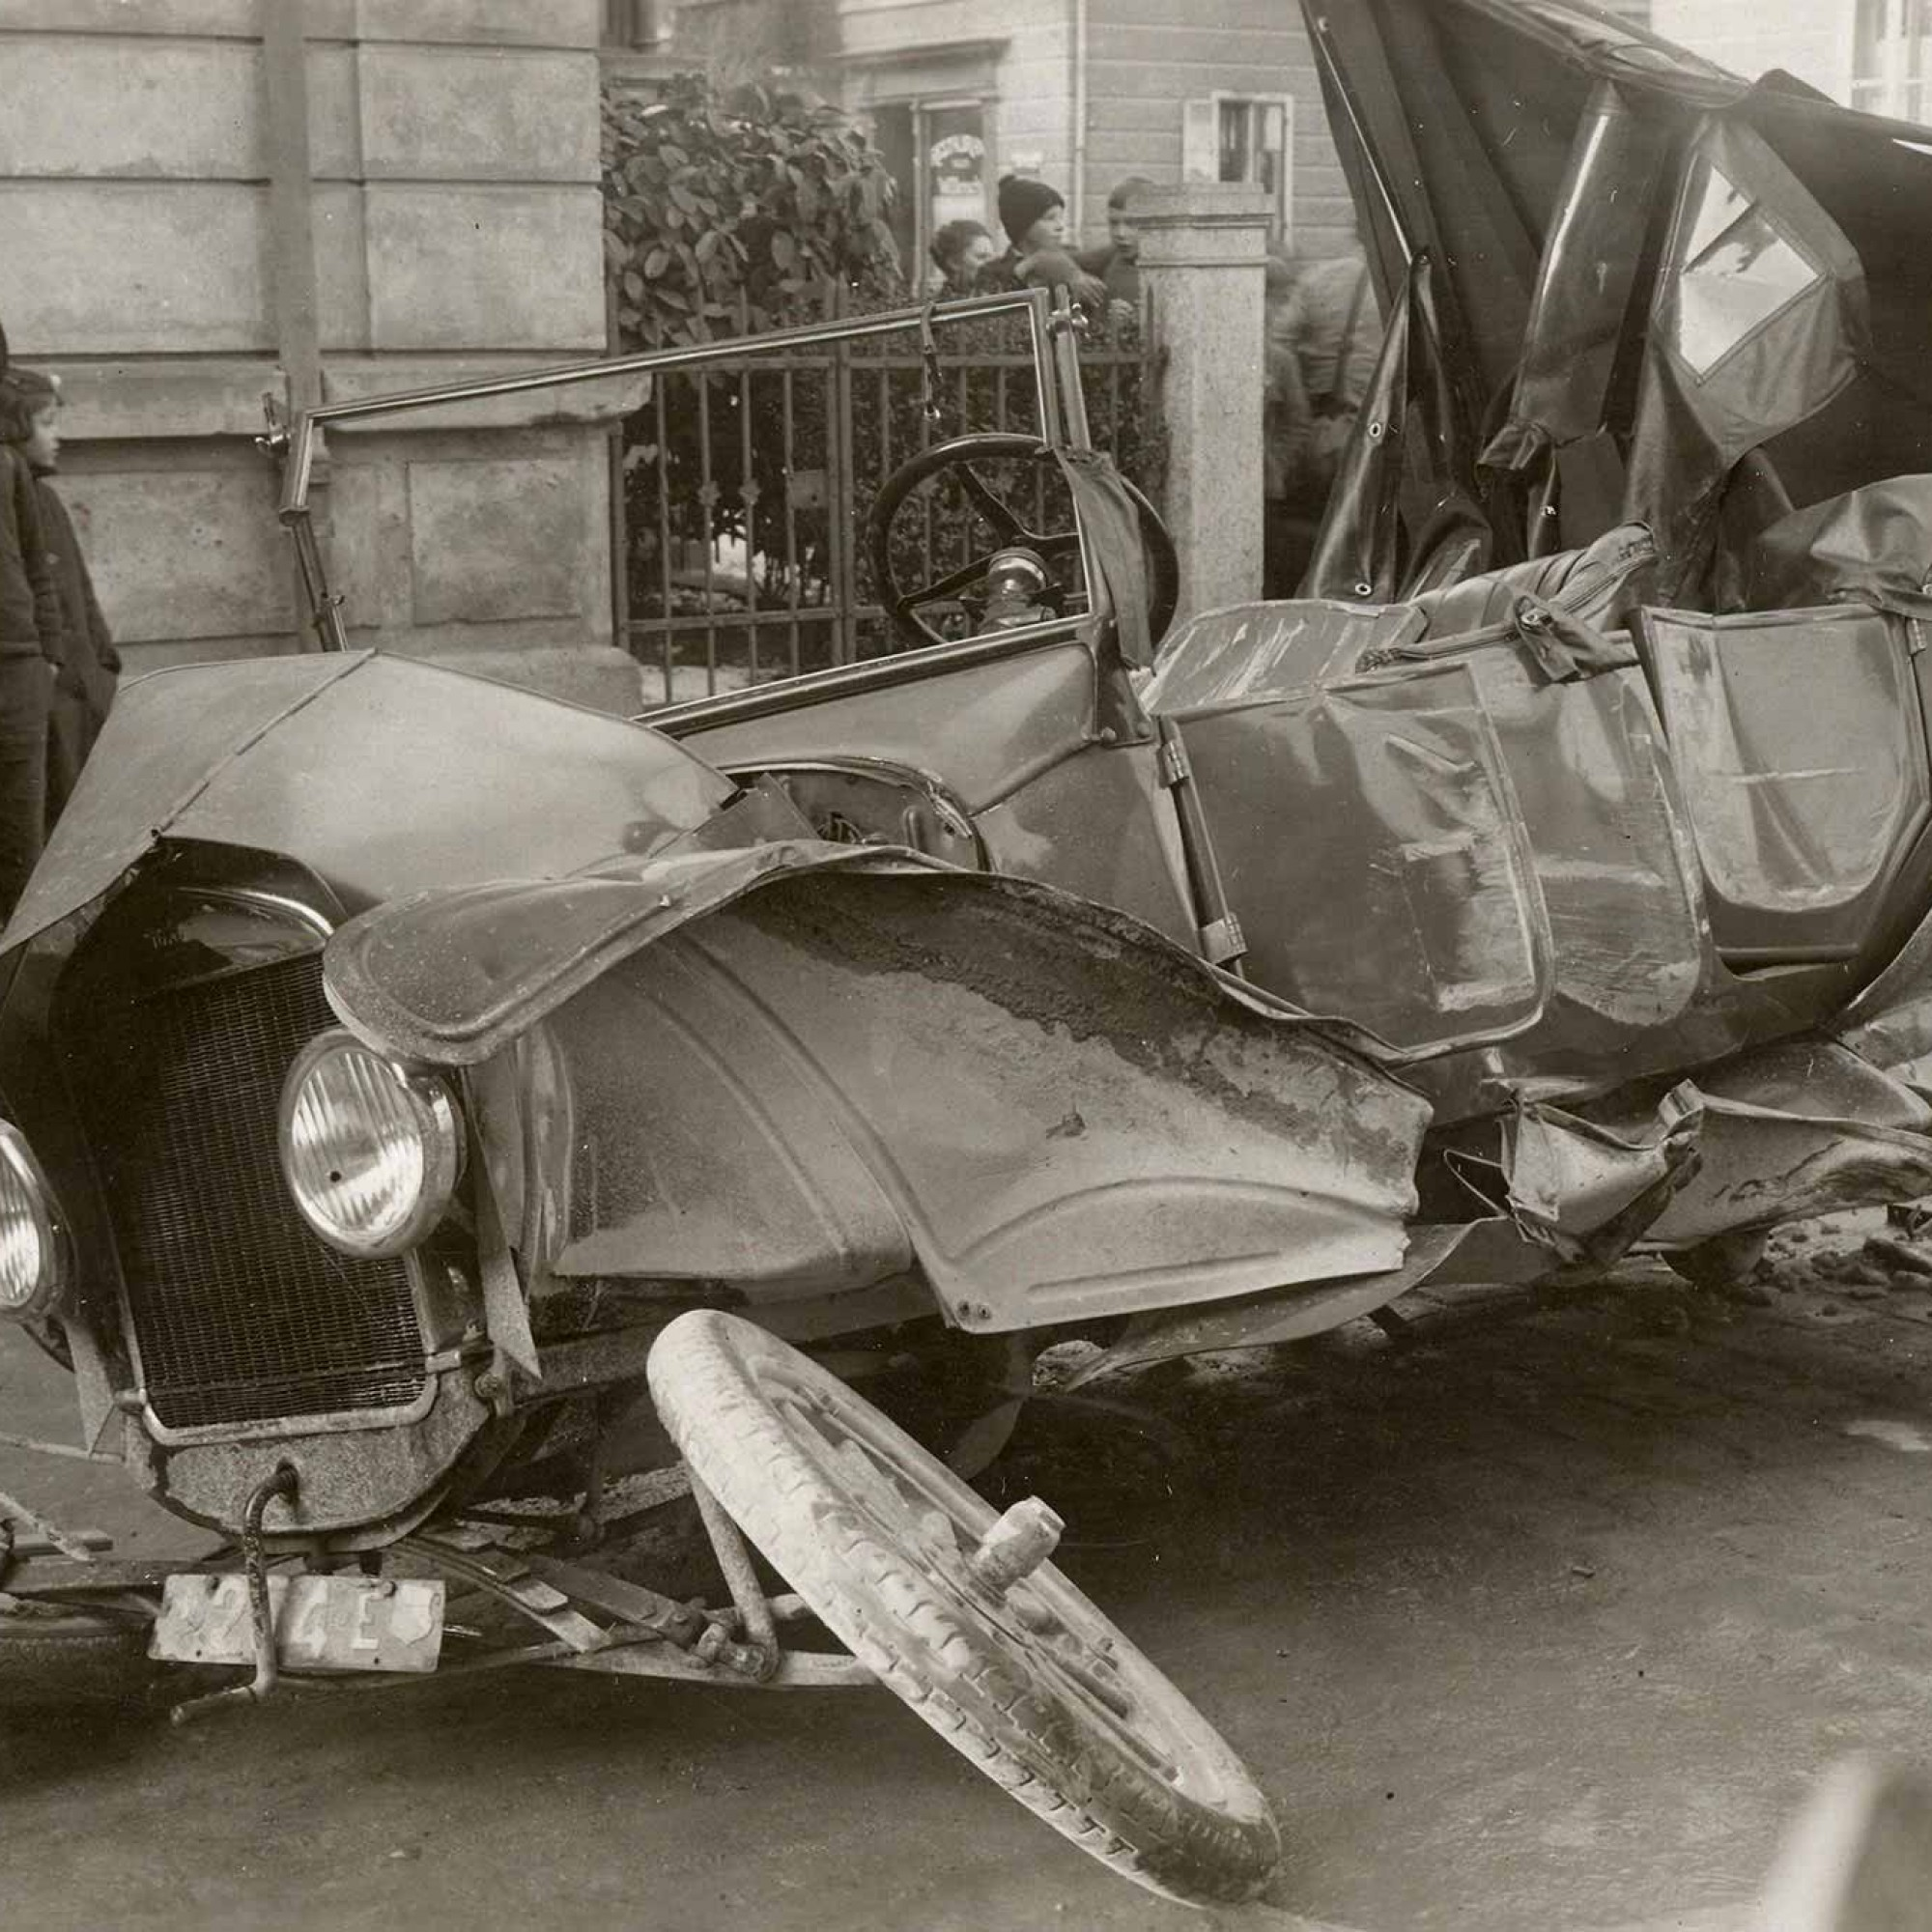 Verkhrsunfall 1925